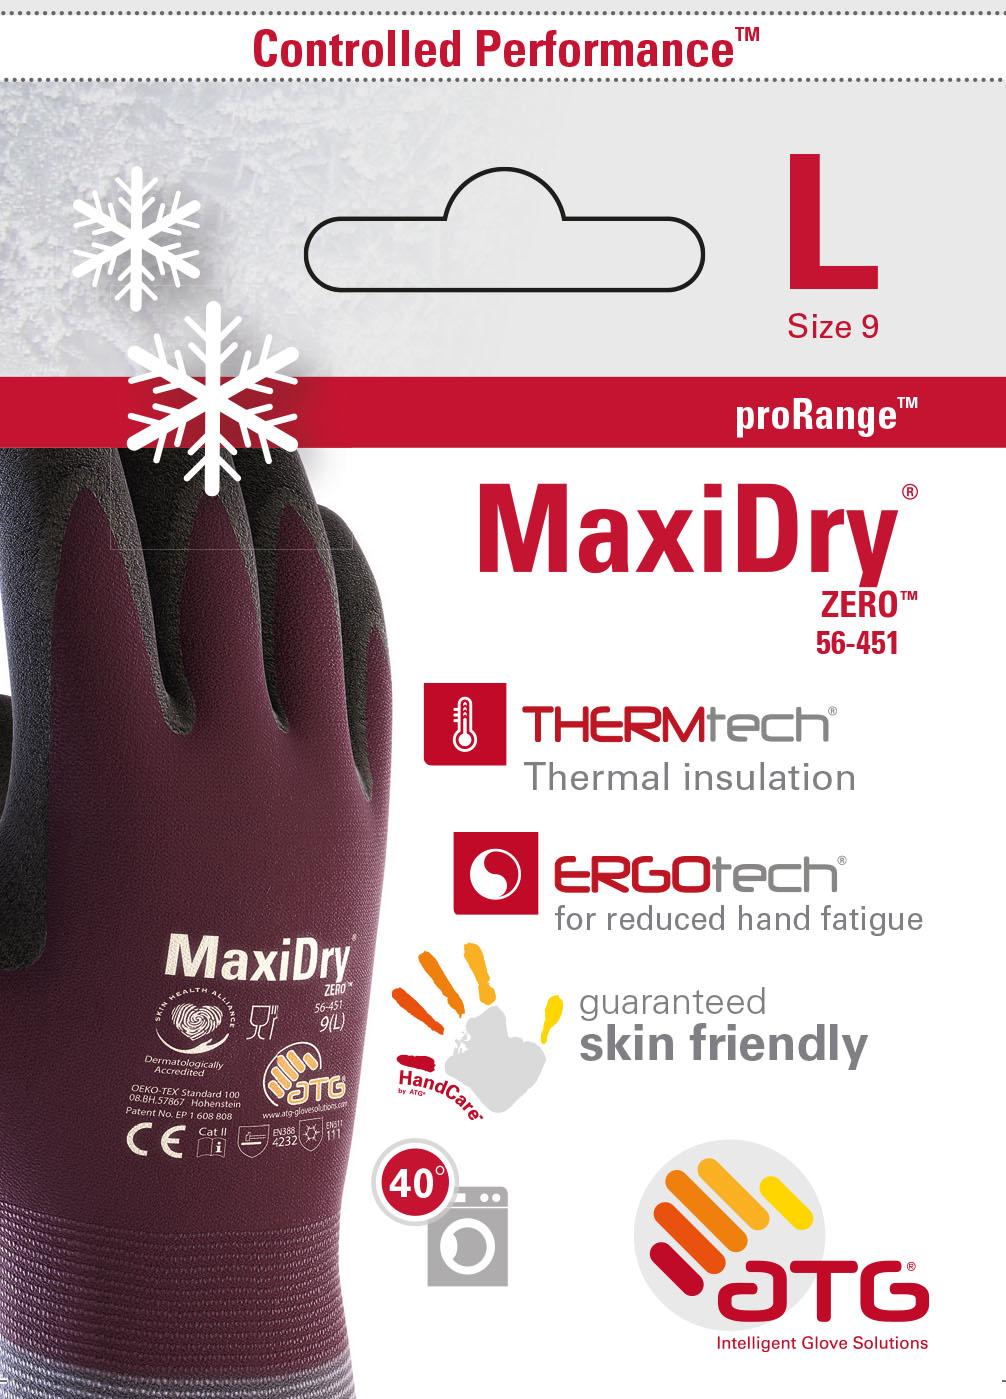 56-451 MaxiDry® Zero™ Retail Image